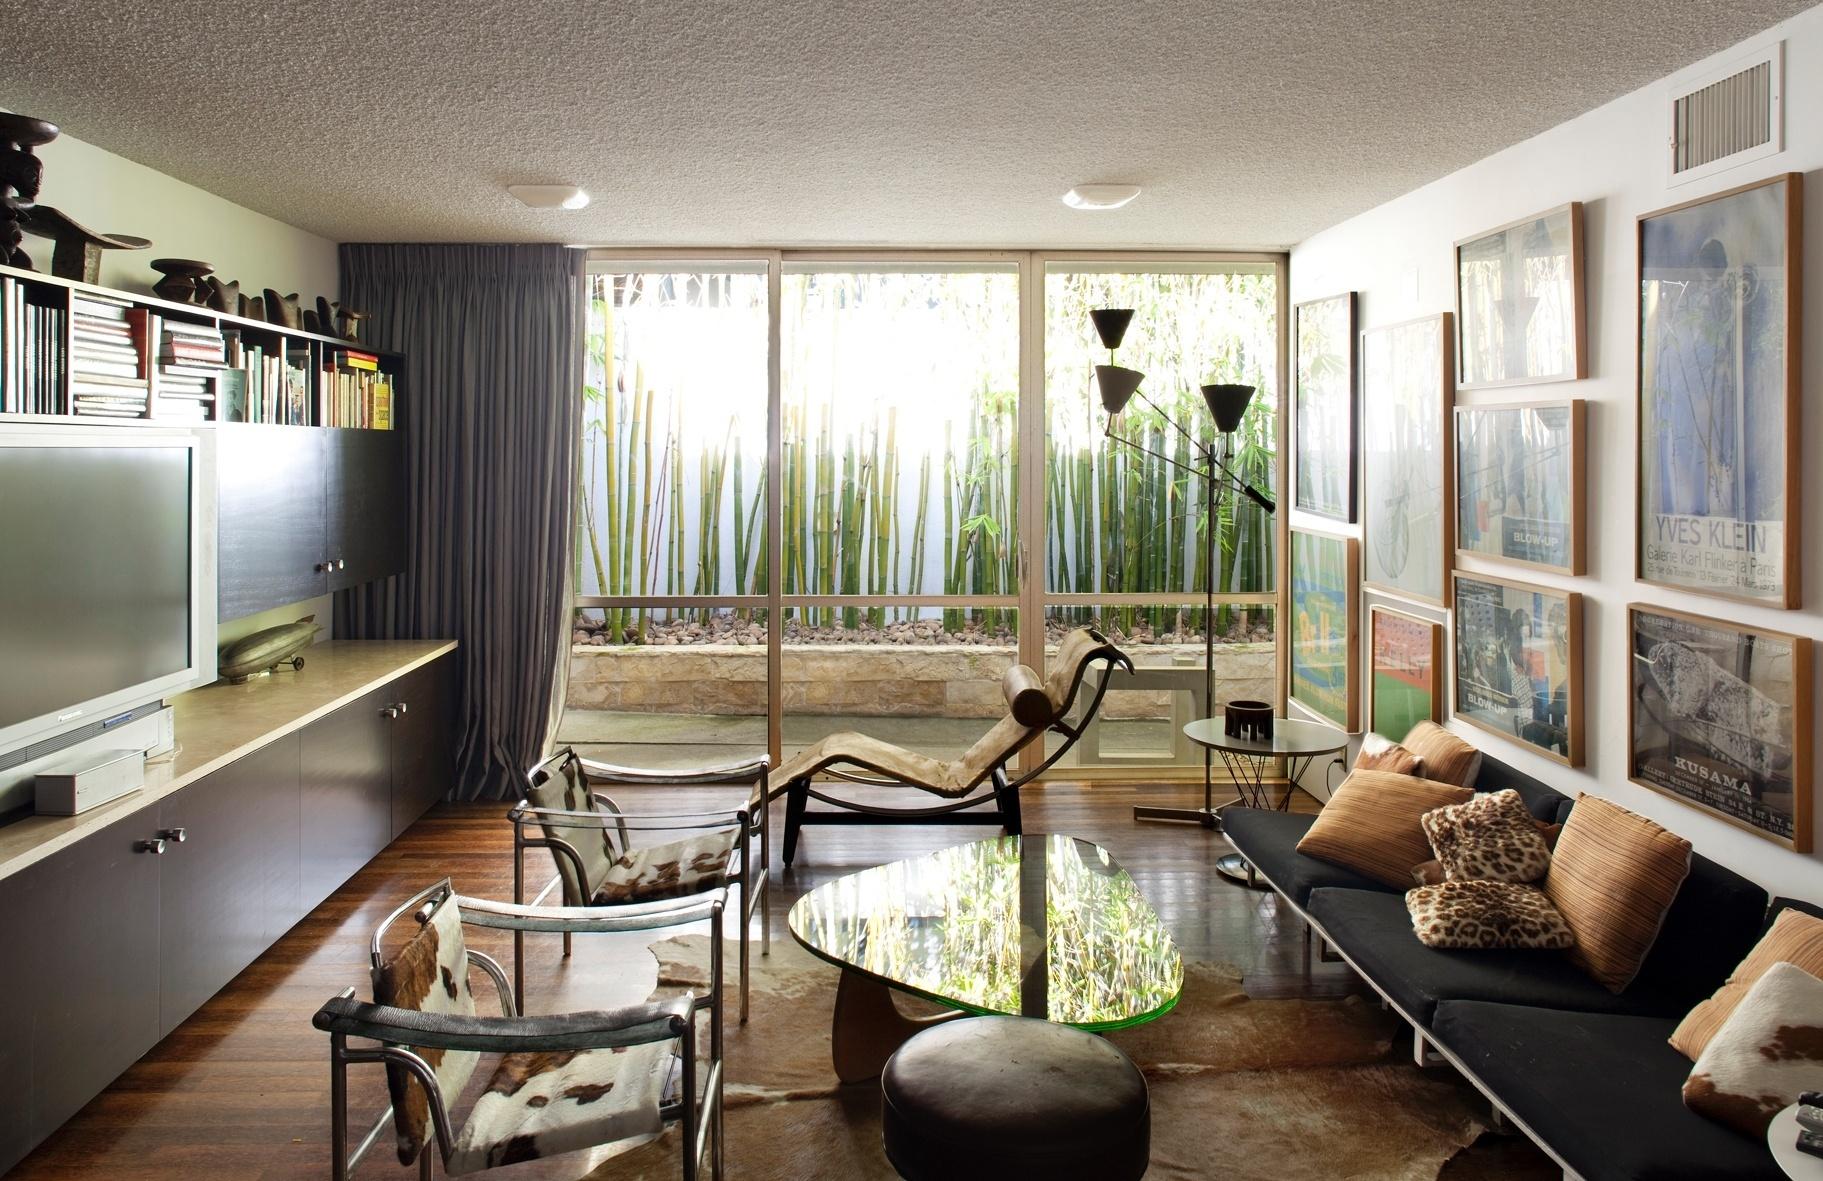 A sala de TV da Strick House possui portas de correr de vidro, típicas da arquitetura modernista dos anos de 1950 e 1960. Com caixilharia metálica, a proposta integra interiores a um paisagismo inspirado na obra do brasileiro Roberto Burle Marx. A composição é de vegetação tropical na residência que fica em Santa Mônica, Califórnia, e foi projetada por Oscar Niemeyer em 1964